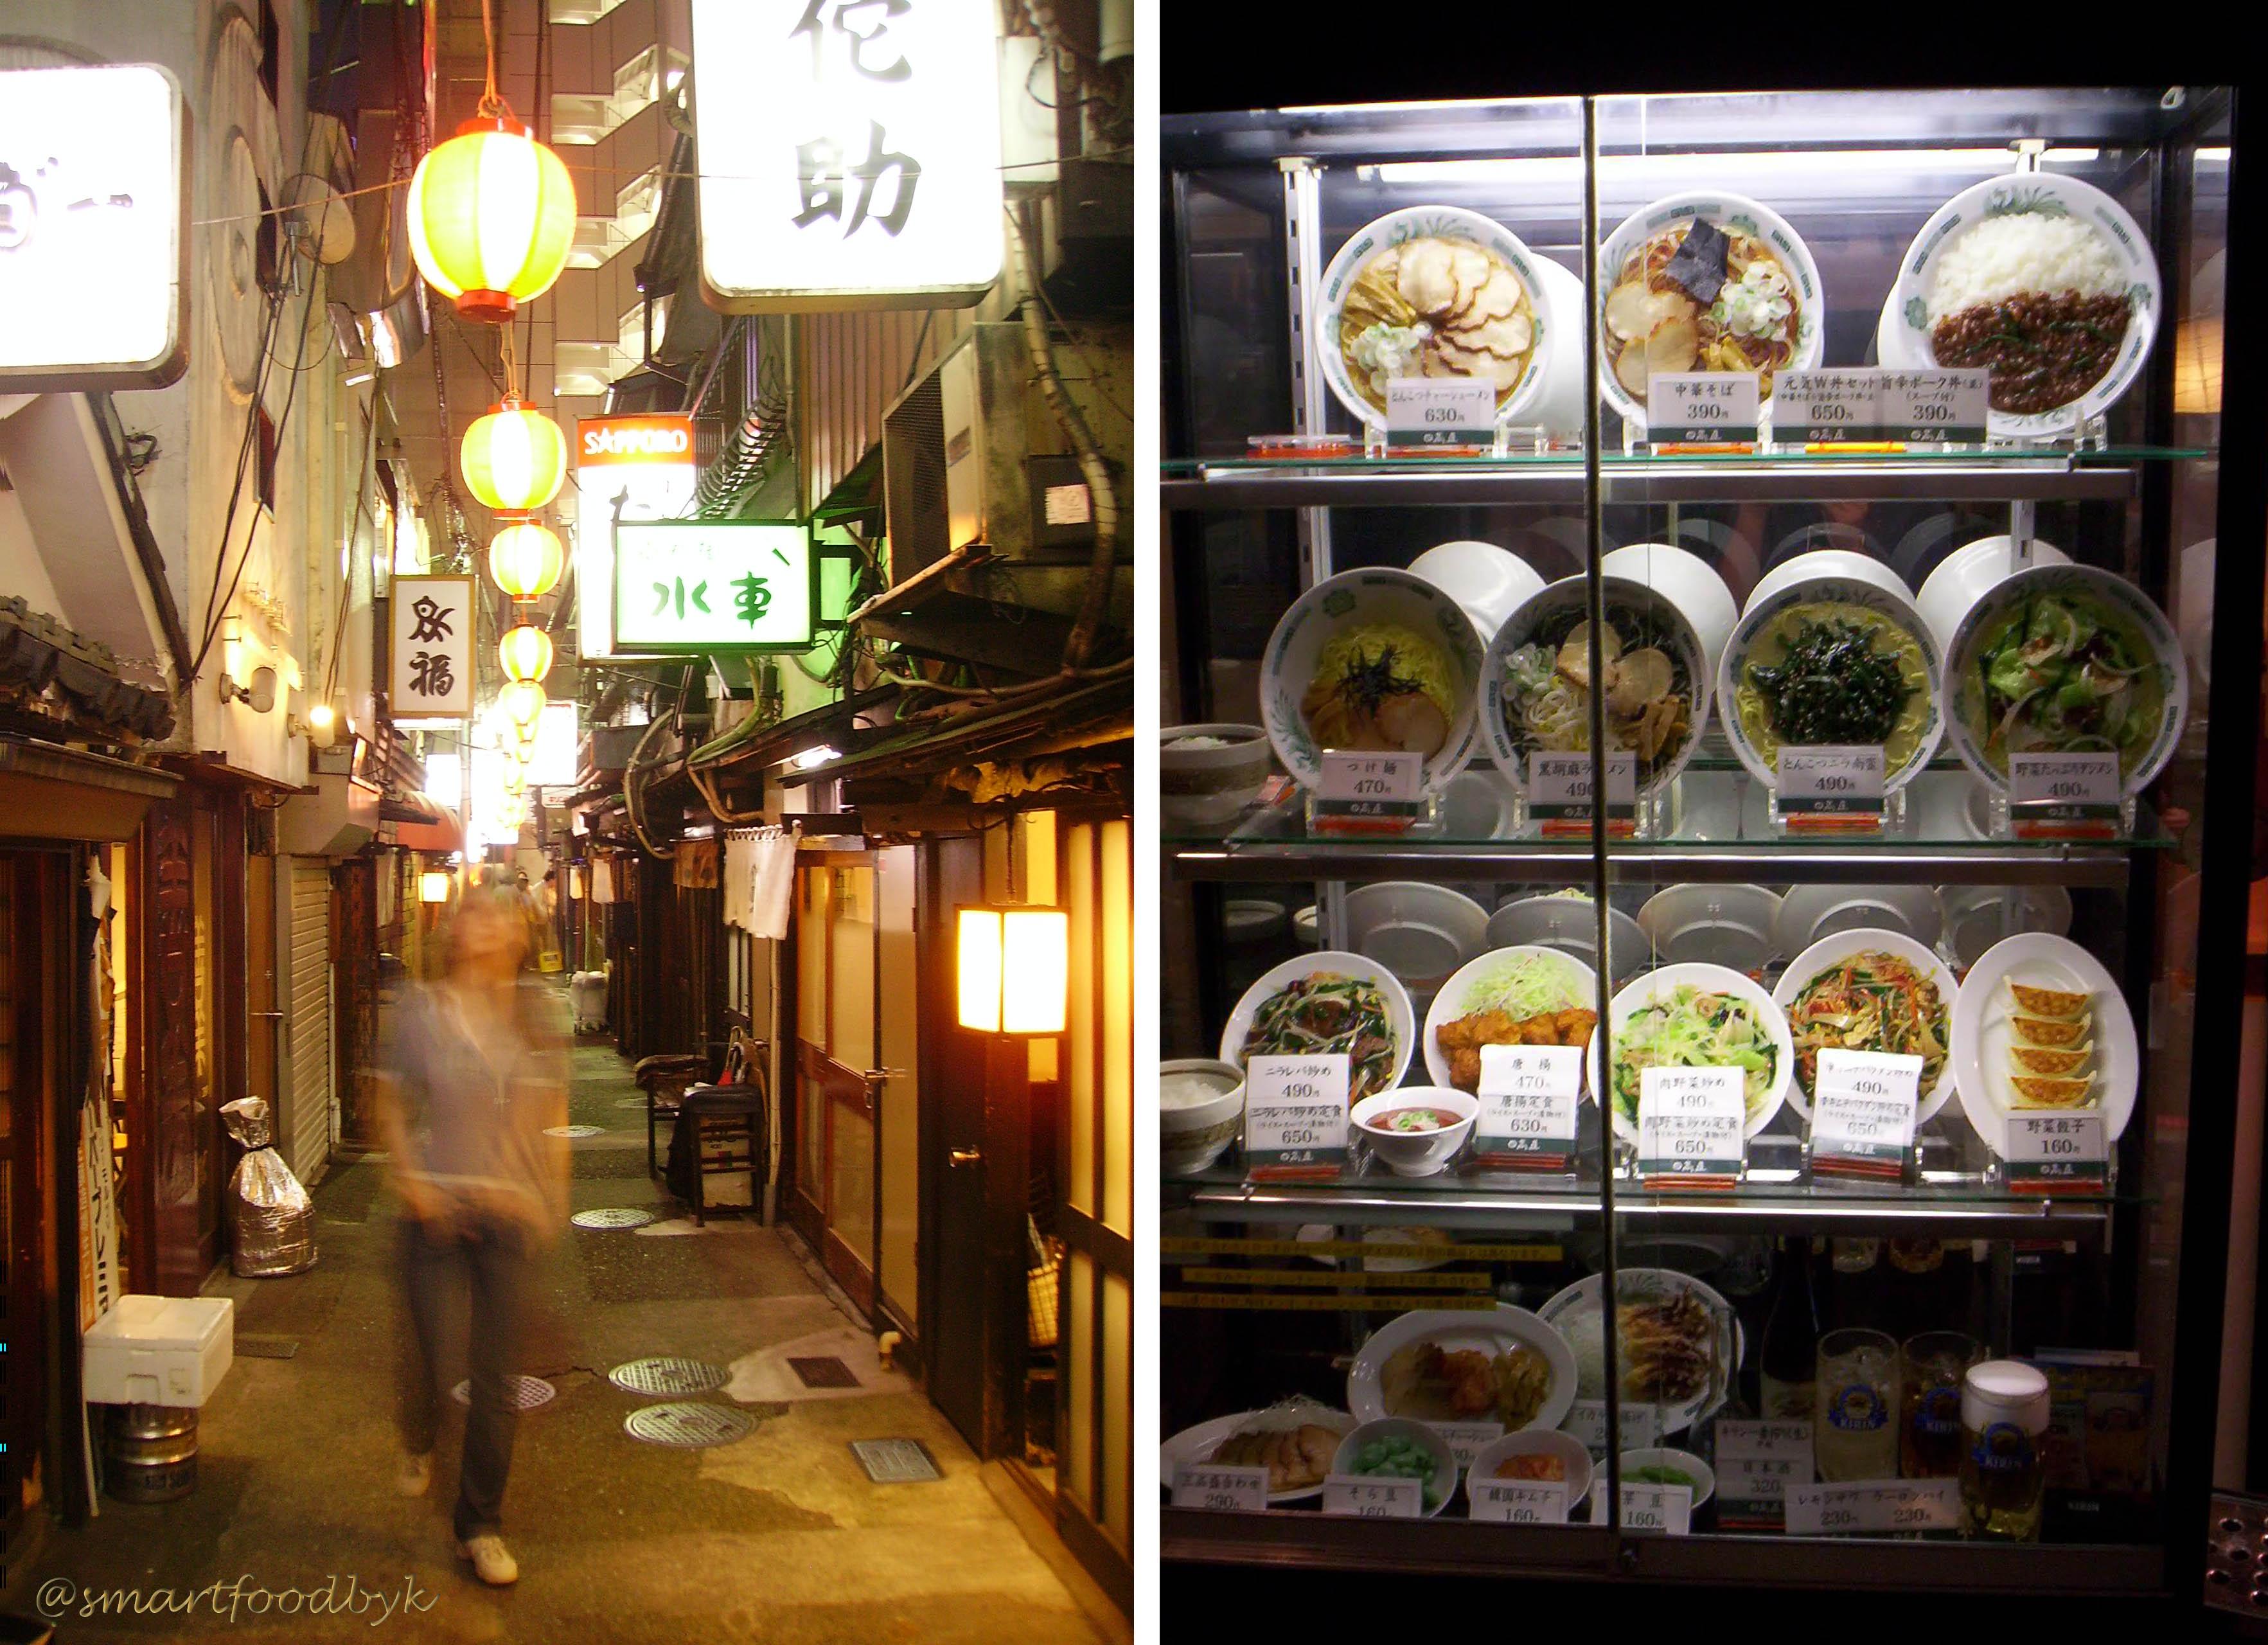 Tokyo old quarter & fast food shop window